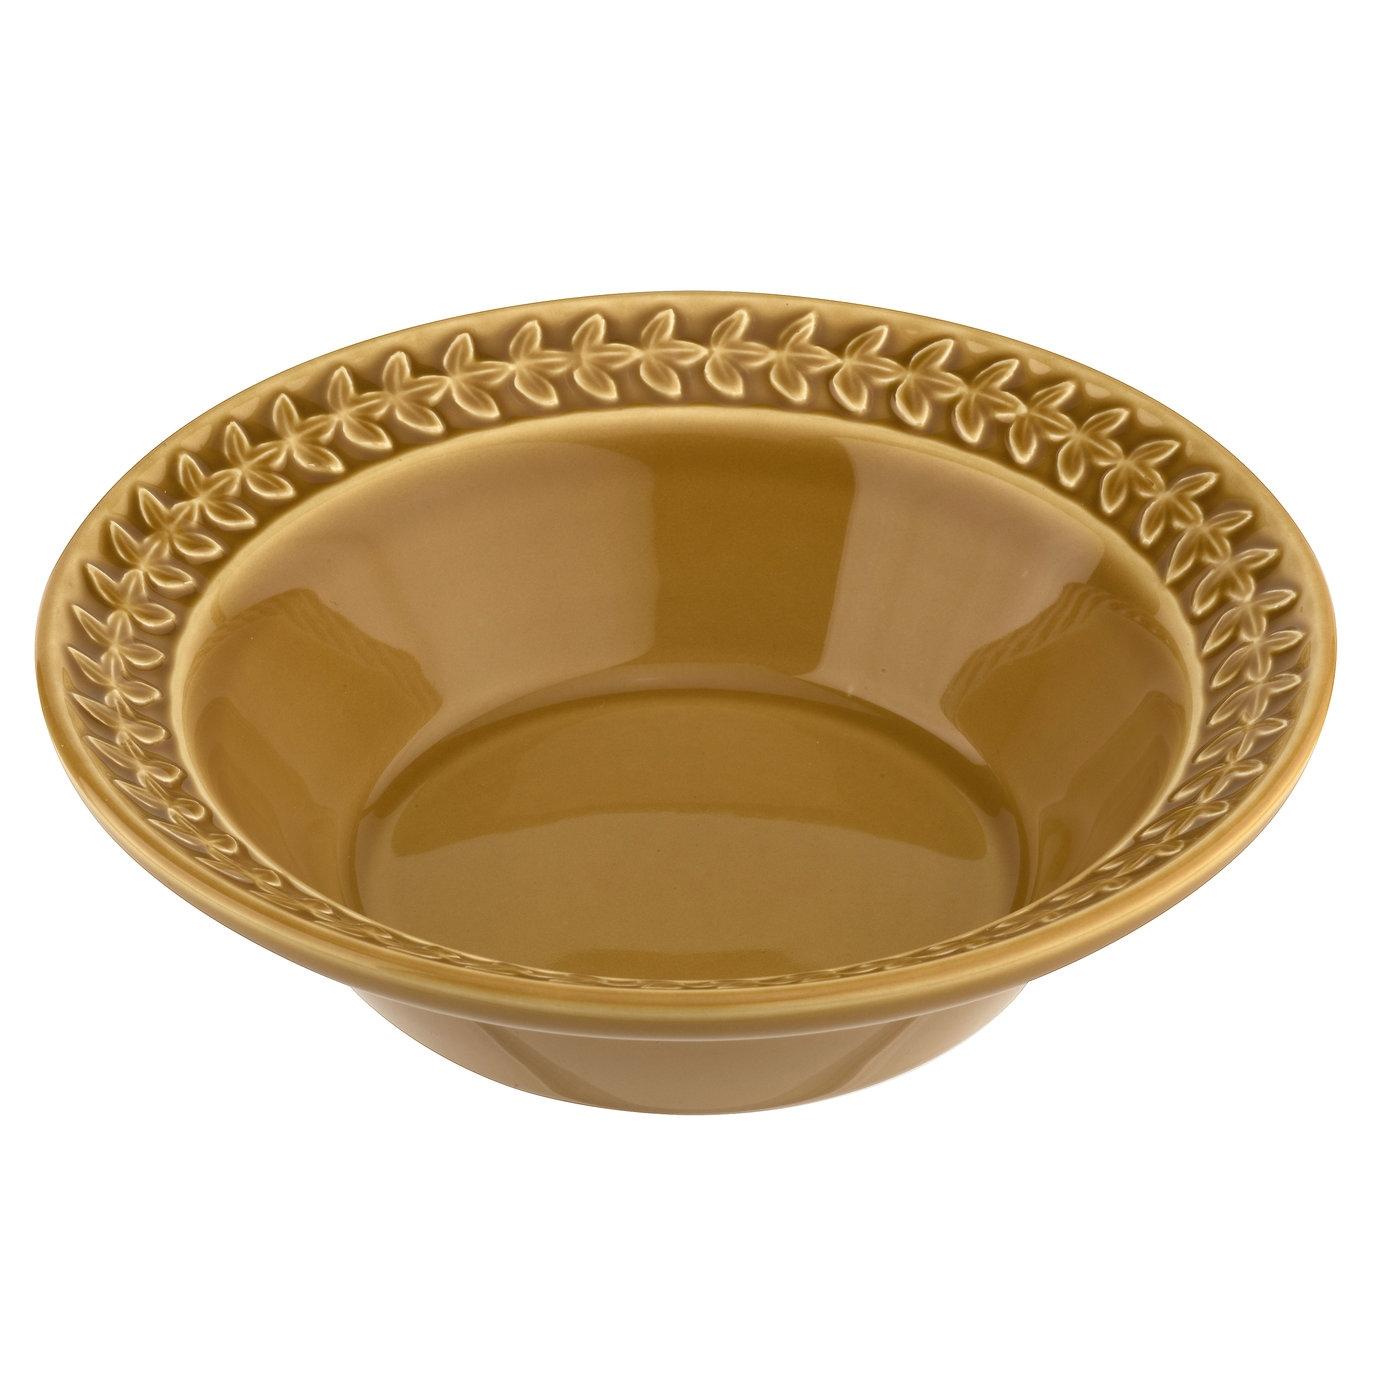 포트메리온 '보타닉 가든 하모니' 시리얼 볼 Portmeirion Botanic Garden Harmony Amber Cereal Bowl